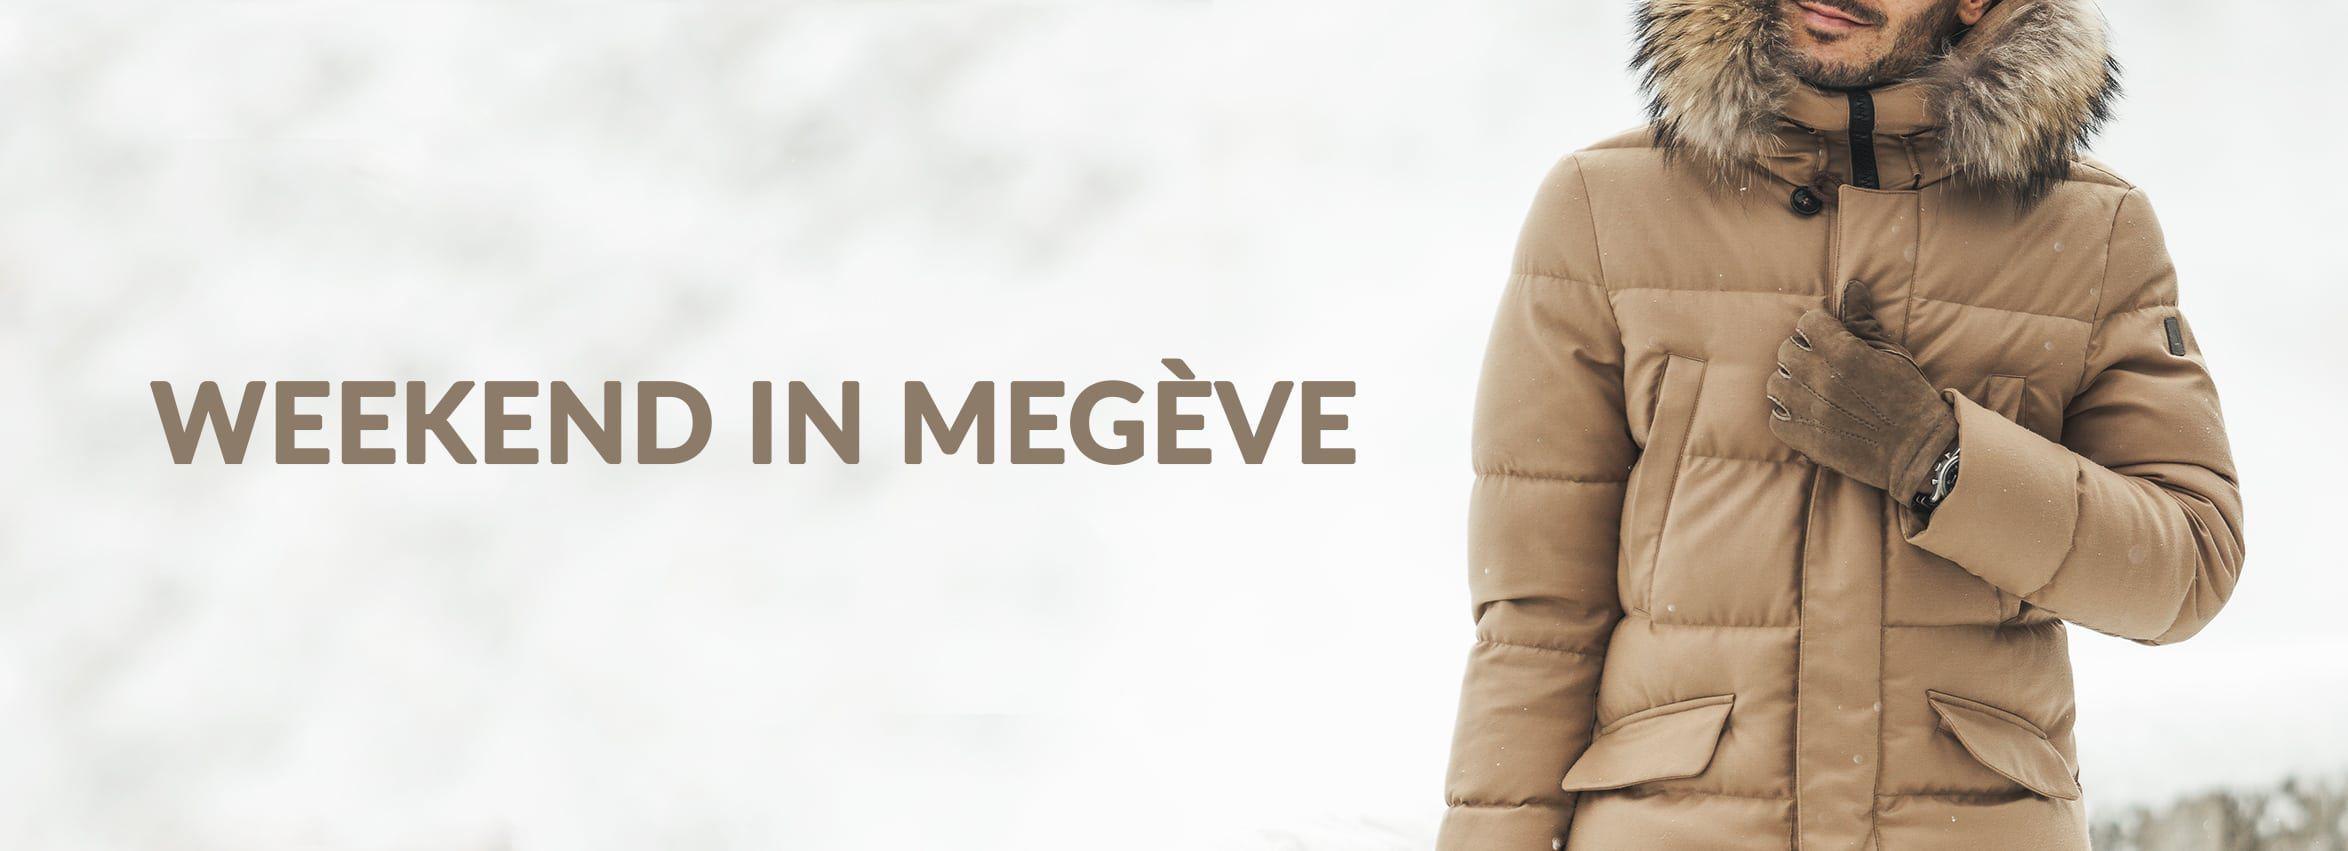 weekend in megève